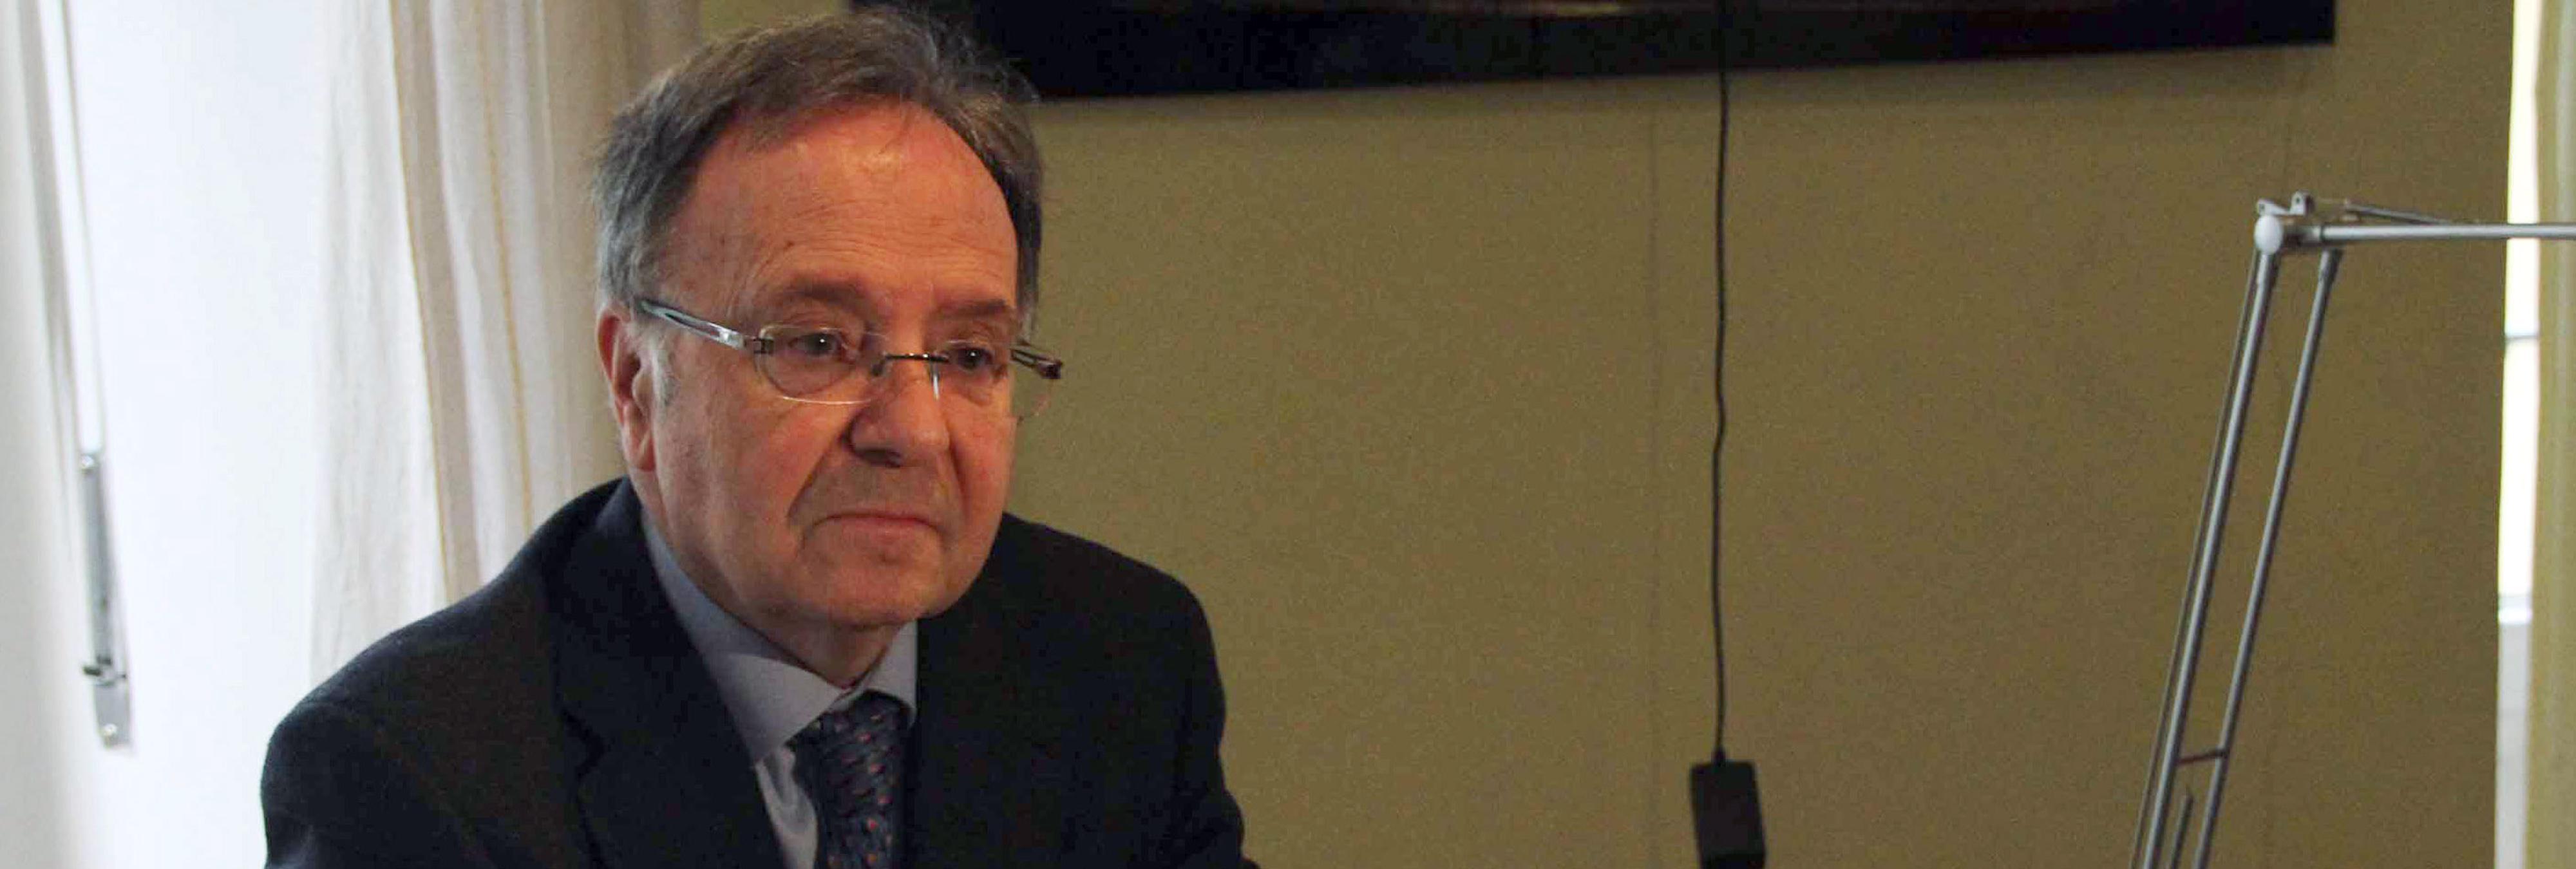 Detienen por extorsión a la cúpula de Manos Limpias, el sindicato que osó denunciar a la Infanta